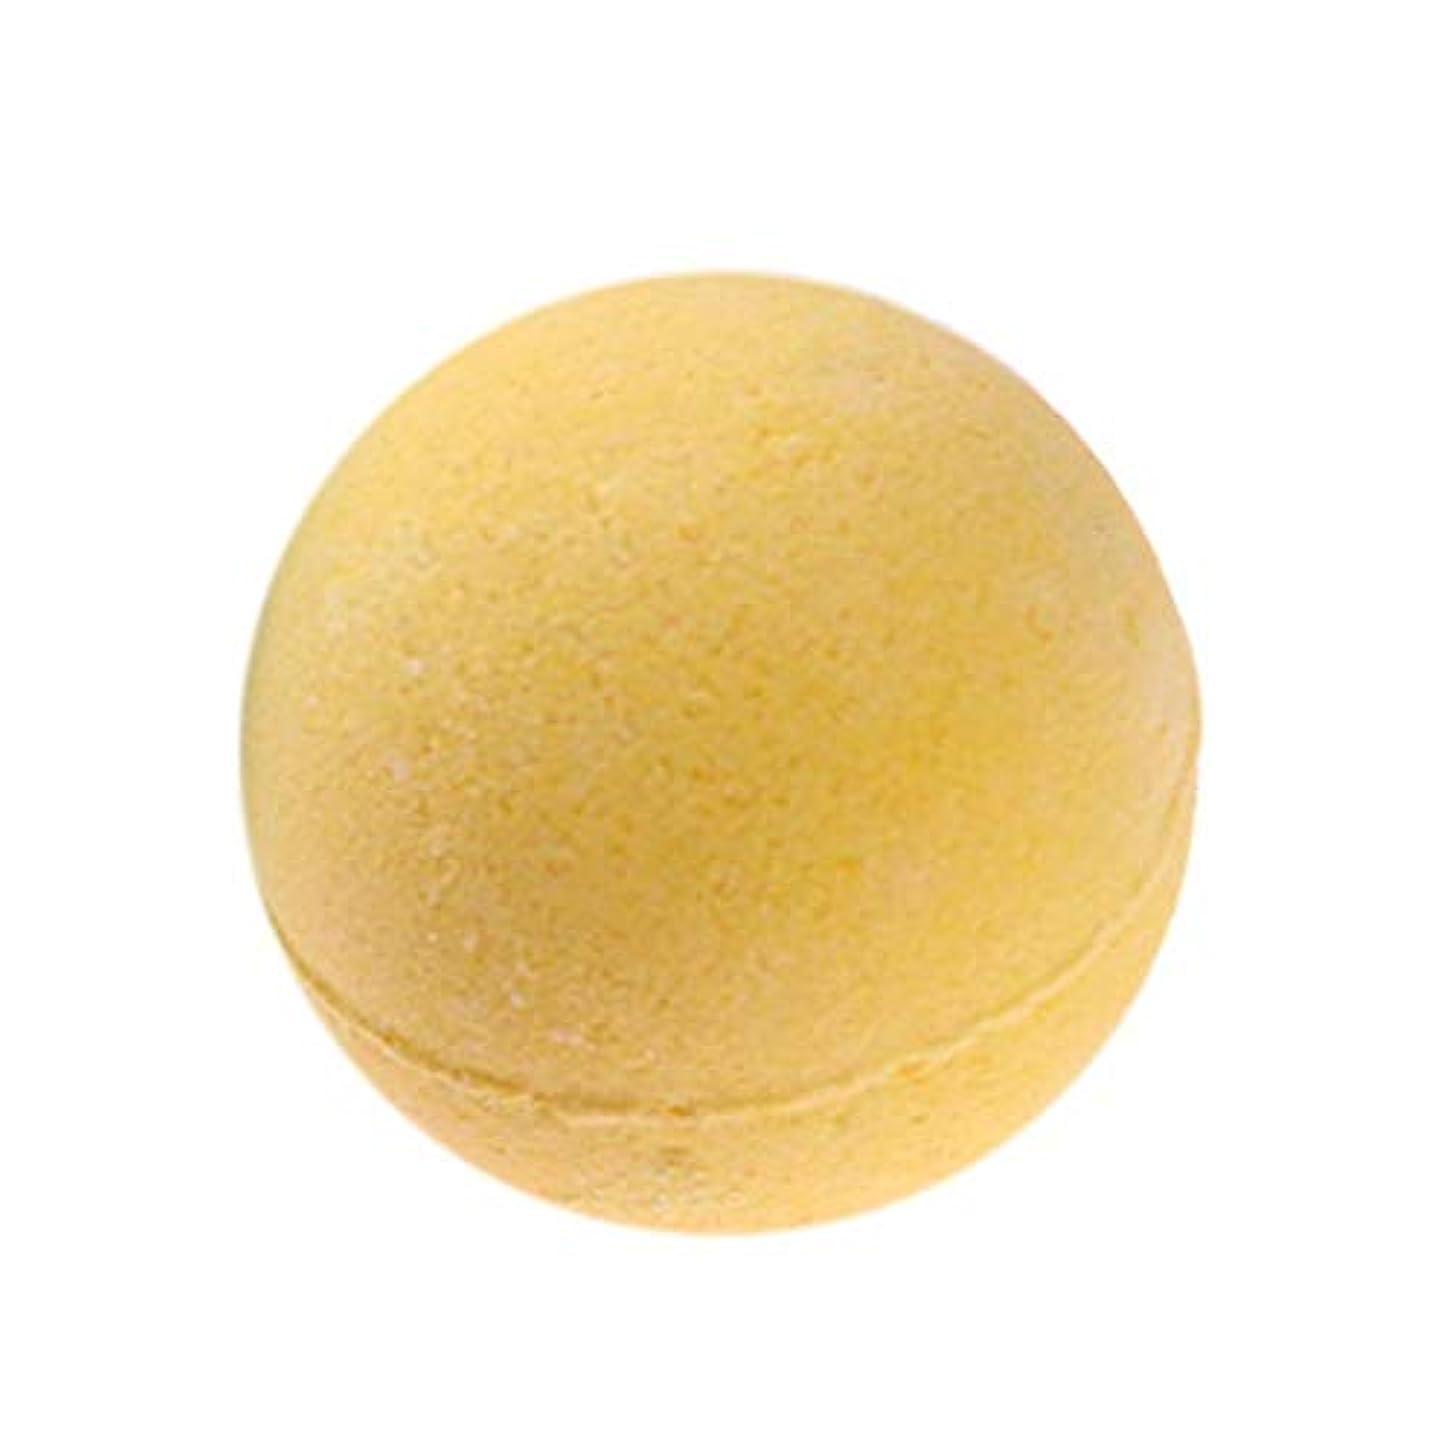 ながら昇るレオナルドダバスボール ボディスキンホワイトニング バスソルト リラックス ストレスリリーフ バブルシャワー 爆弾ボール 1pc Lushandy